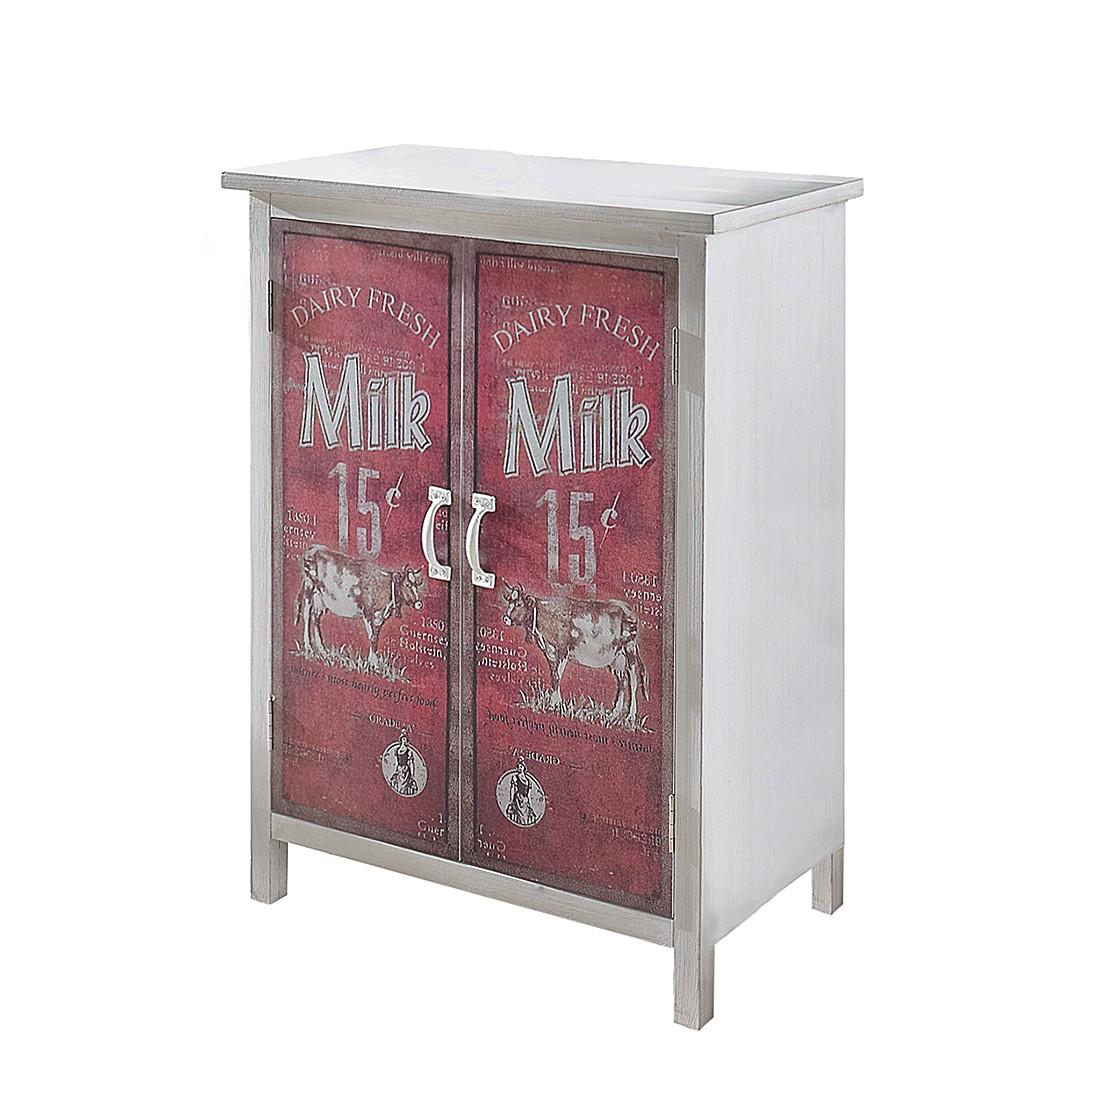 Schrank Milk - Fichtenholz/MDF - Weiß/Rot